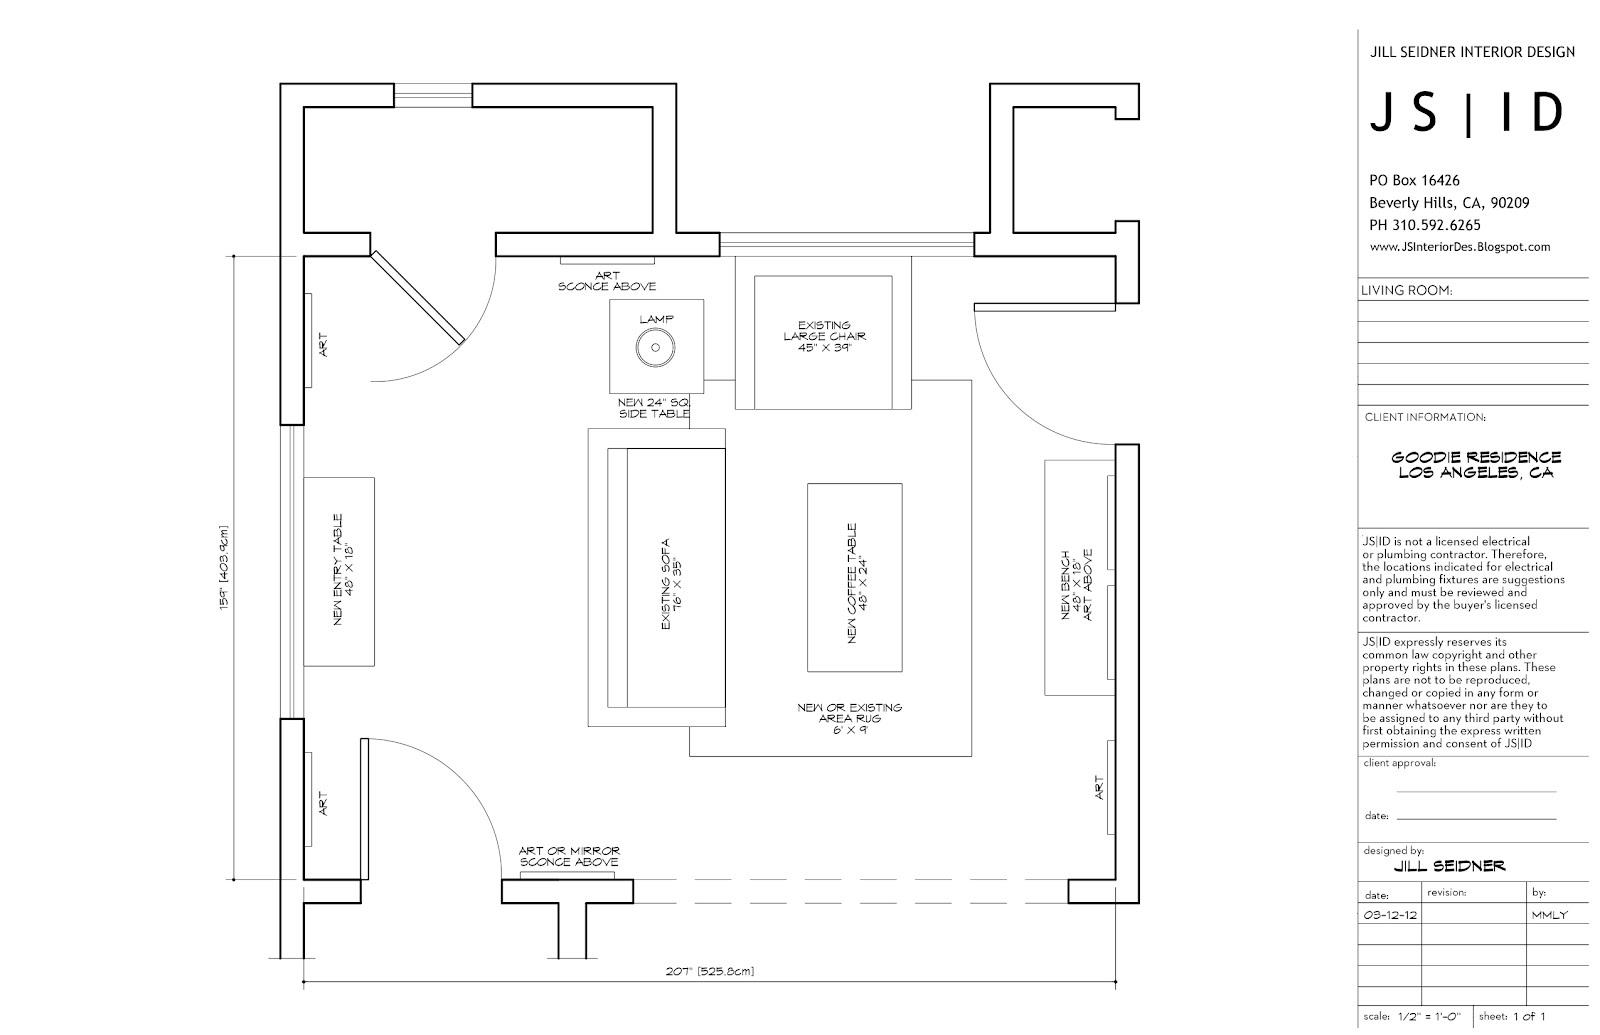 JILL SEIDNER INTERIOR DESIGN: JSID Drawings